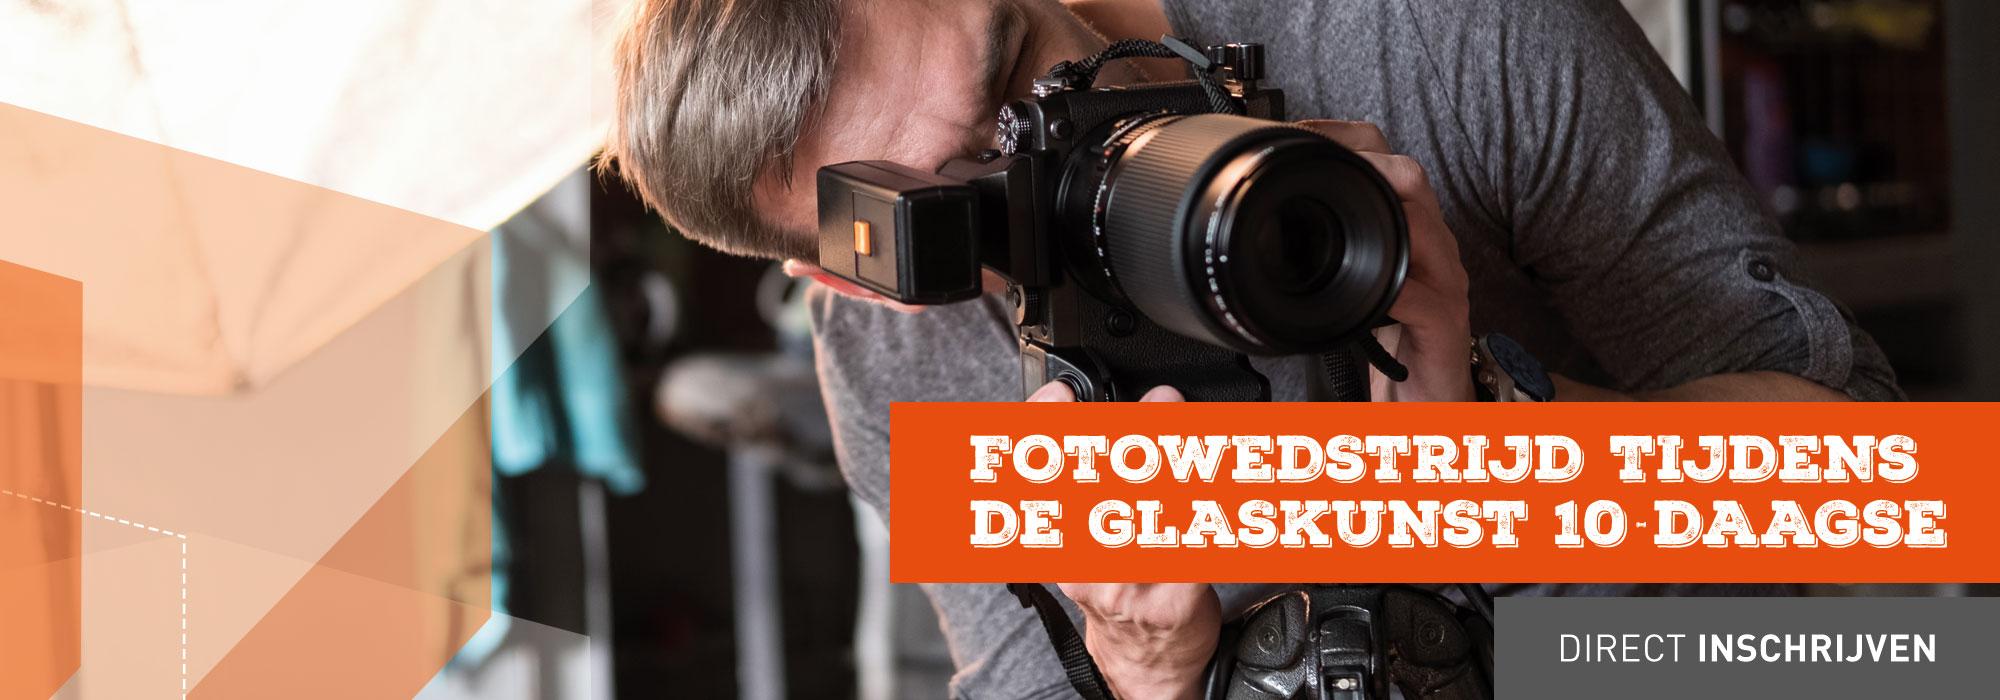 Vriesia Algemenebanners Glas10daagse Fotowedstrijd